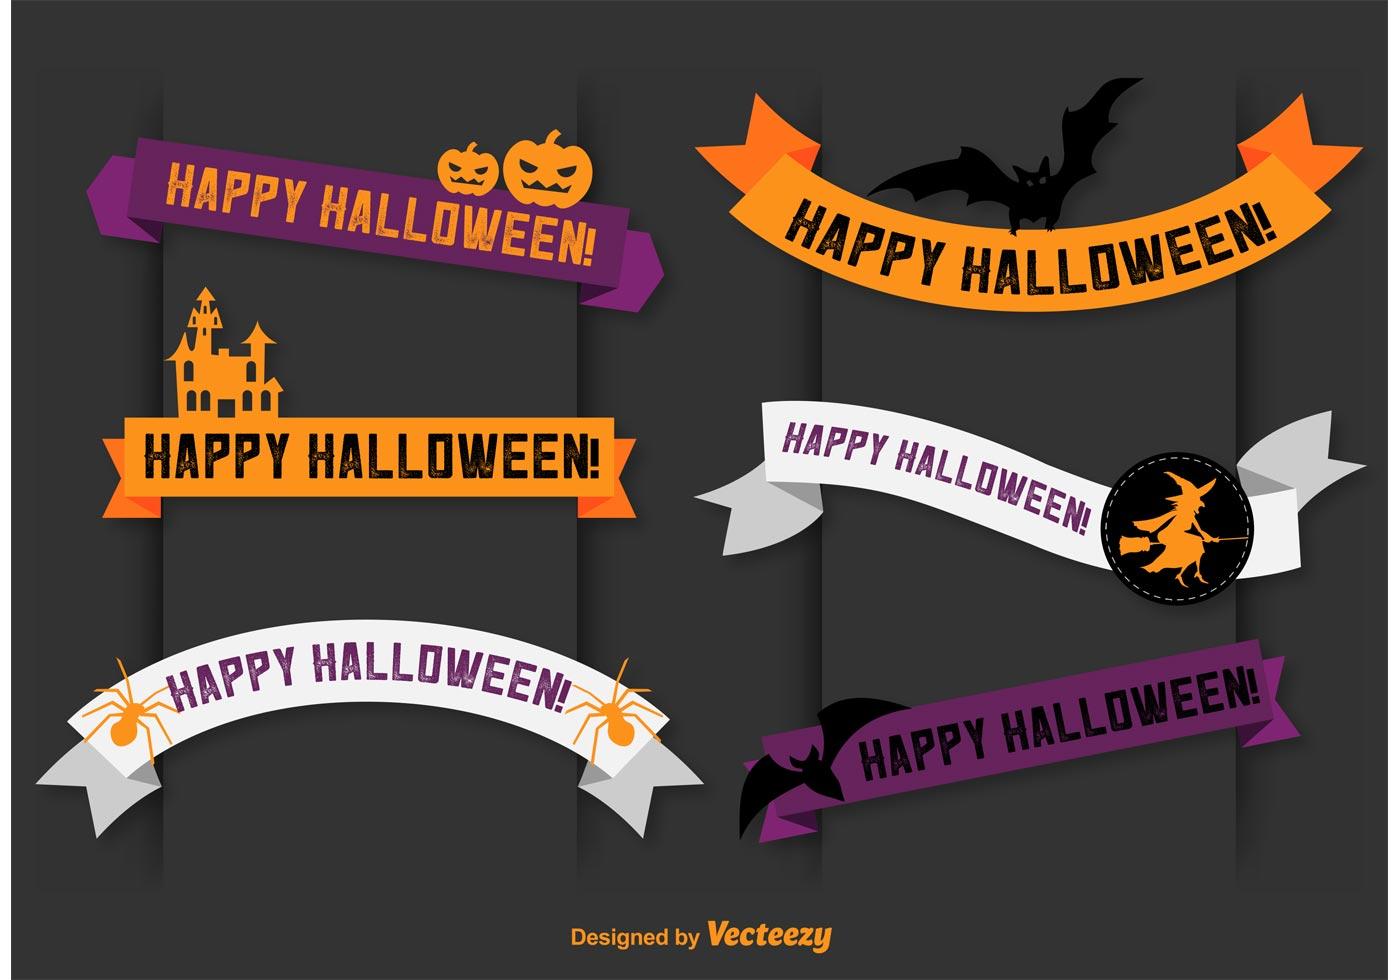 happy halloween vector banner ribbons - download free vector art